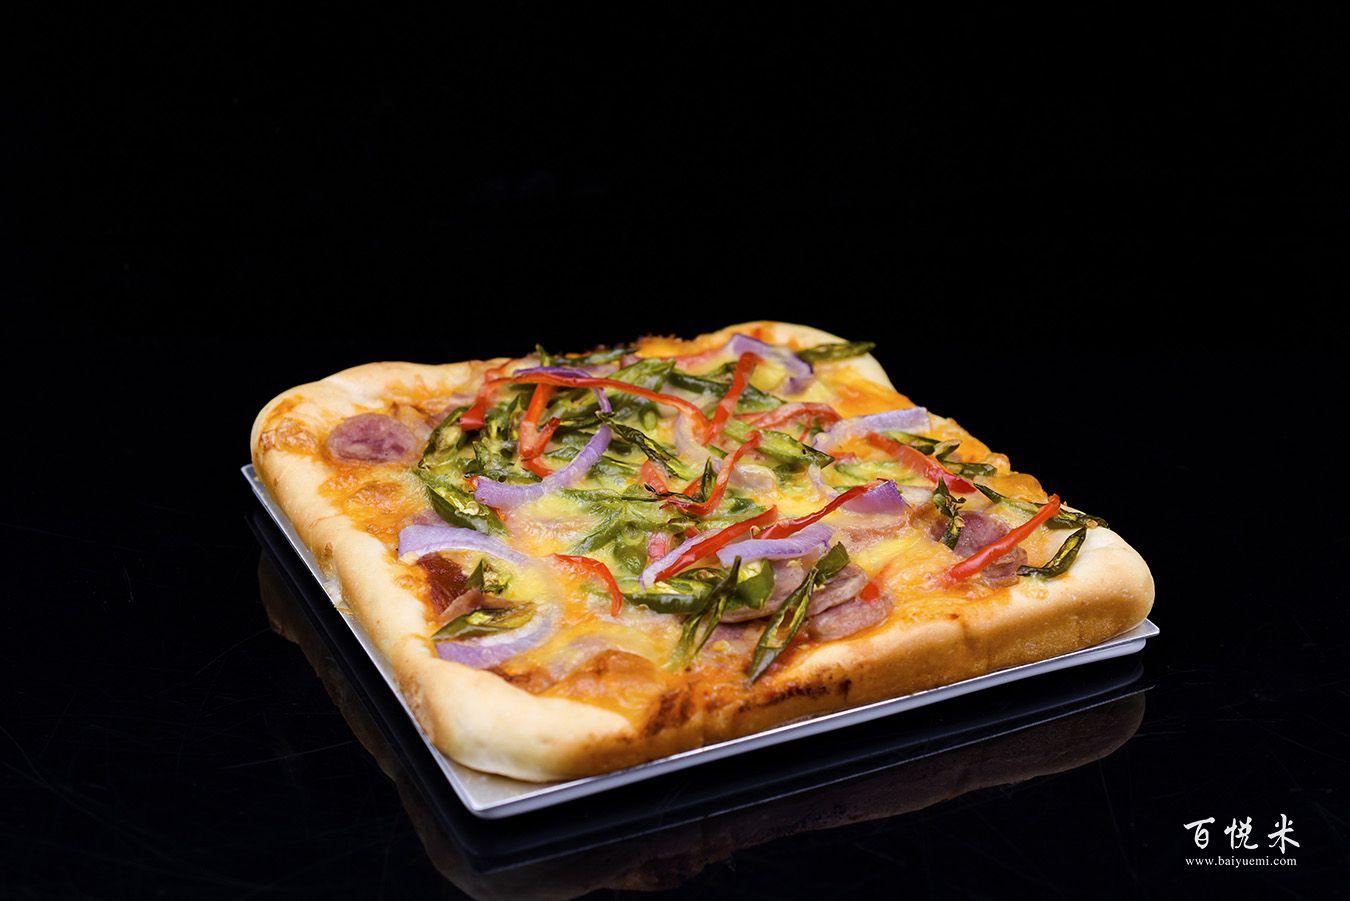 脆肠披萨的做法视频大全_西点培训学习教程